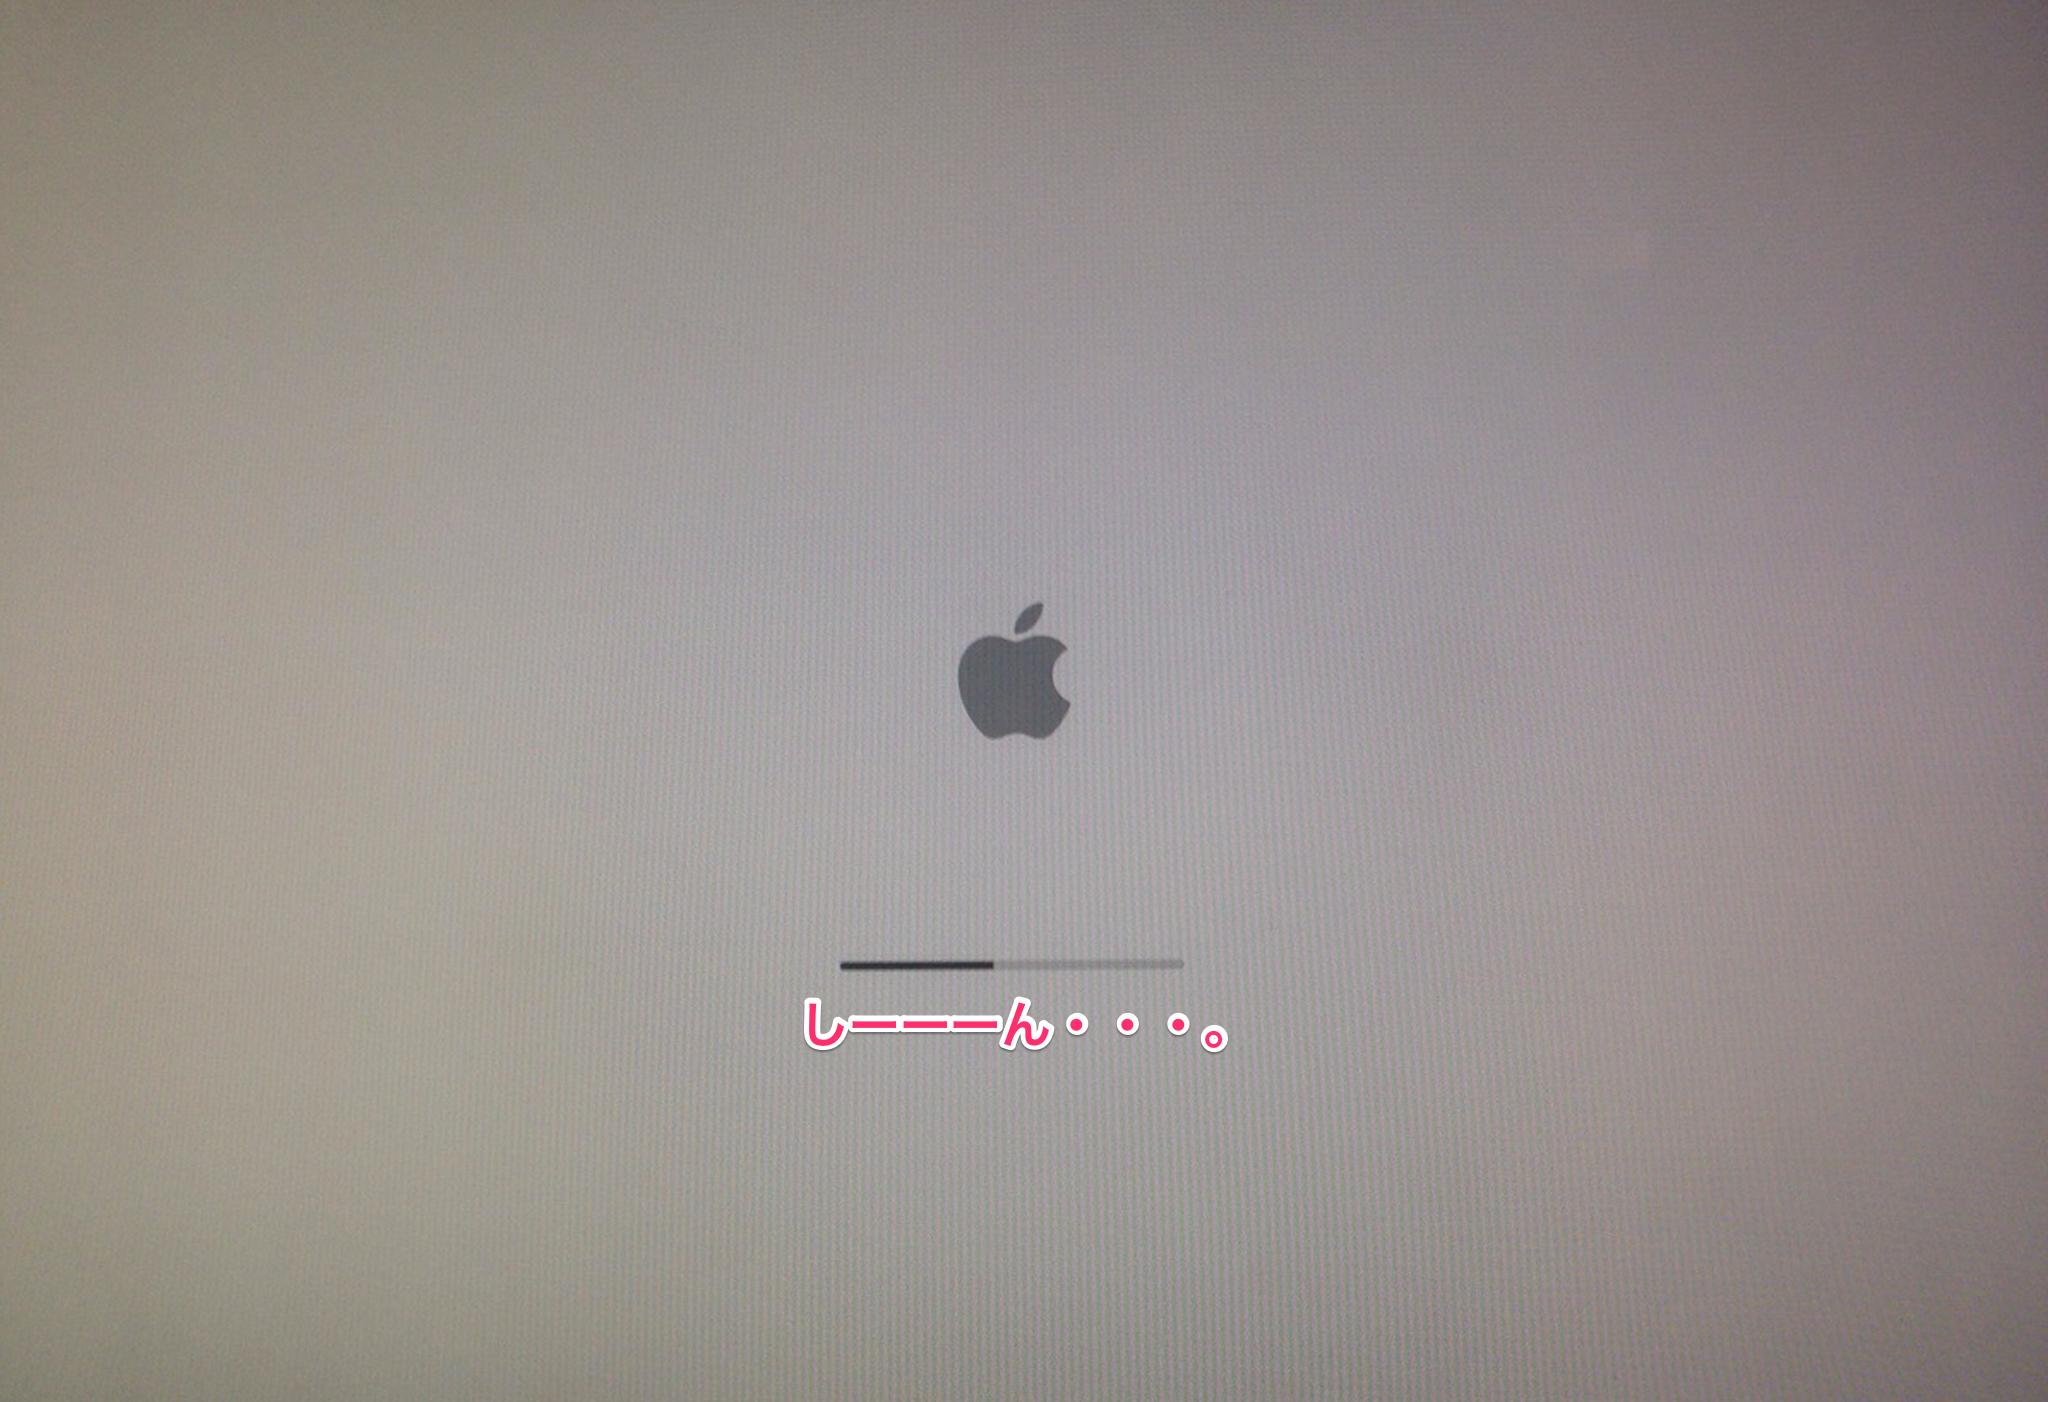 macのグレースクリーン